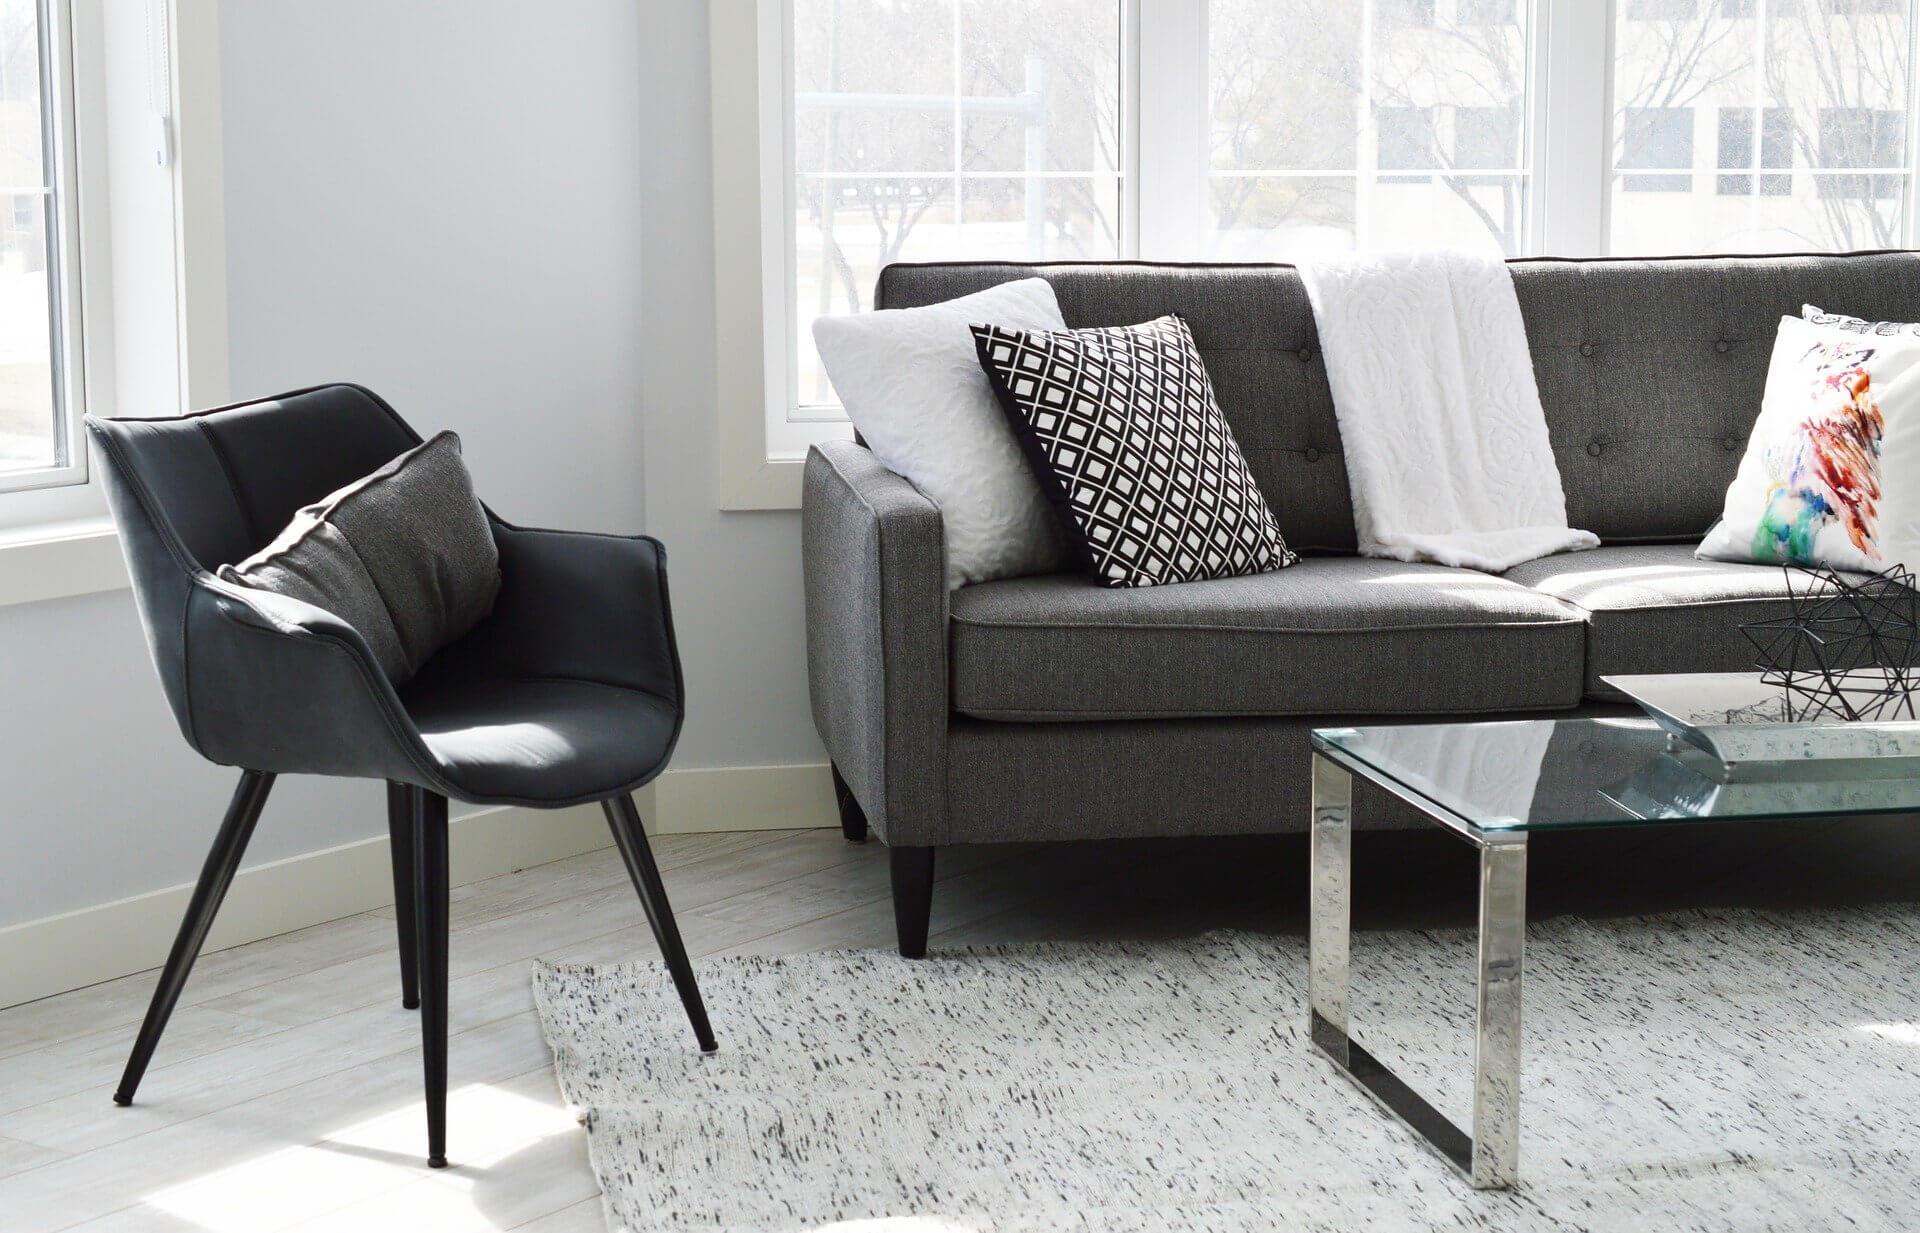 Gebruik onze tips voor je woonkamer